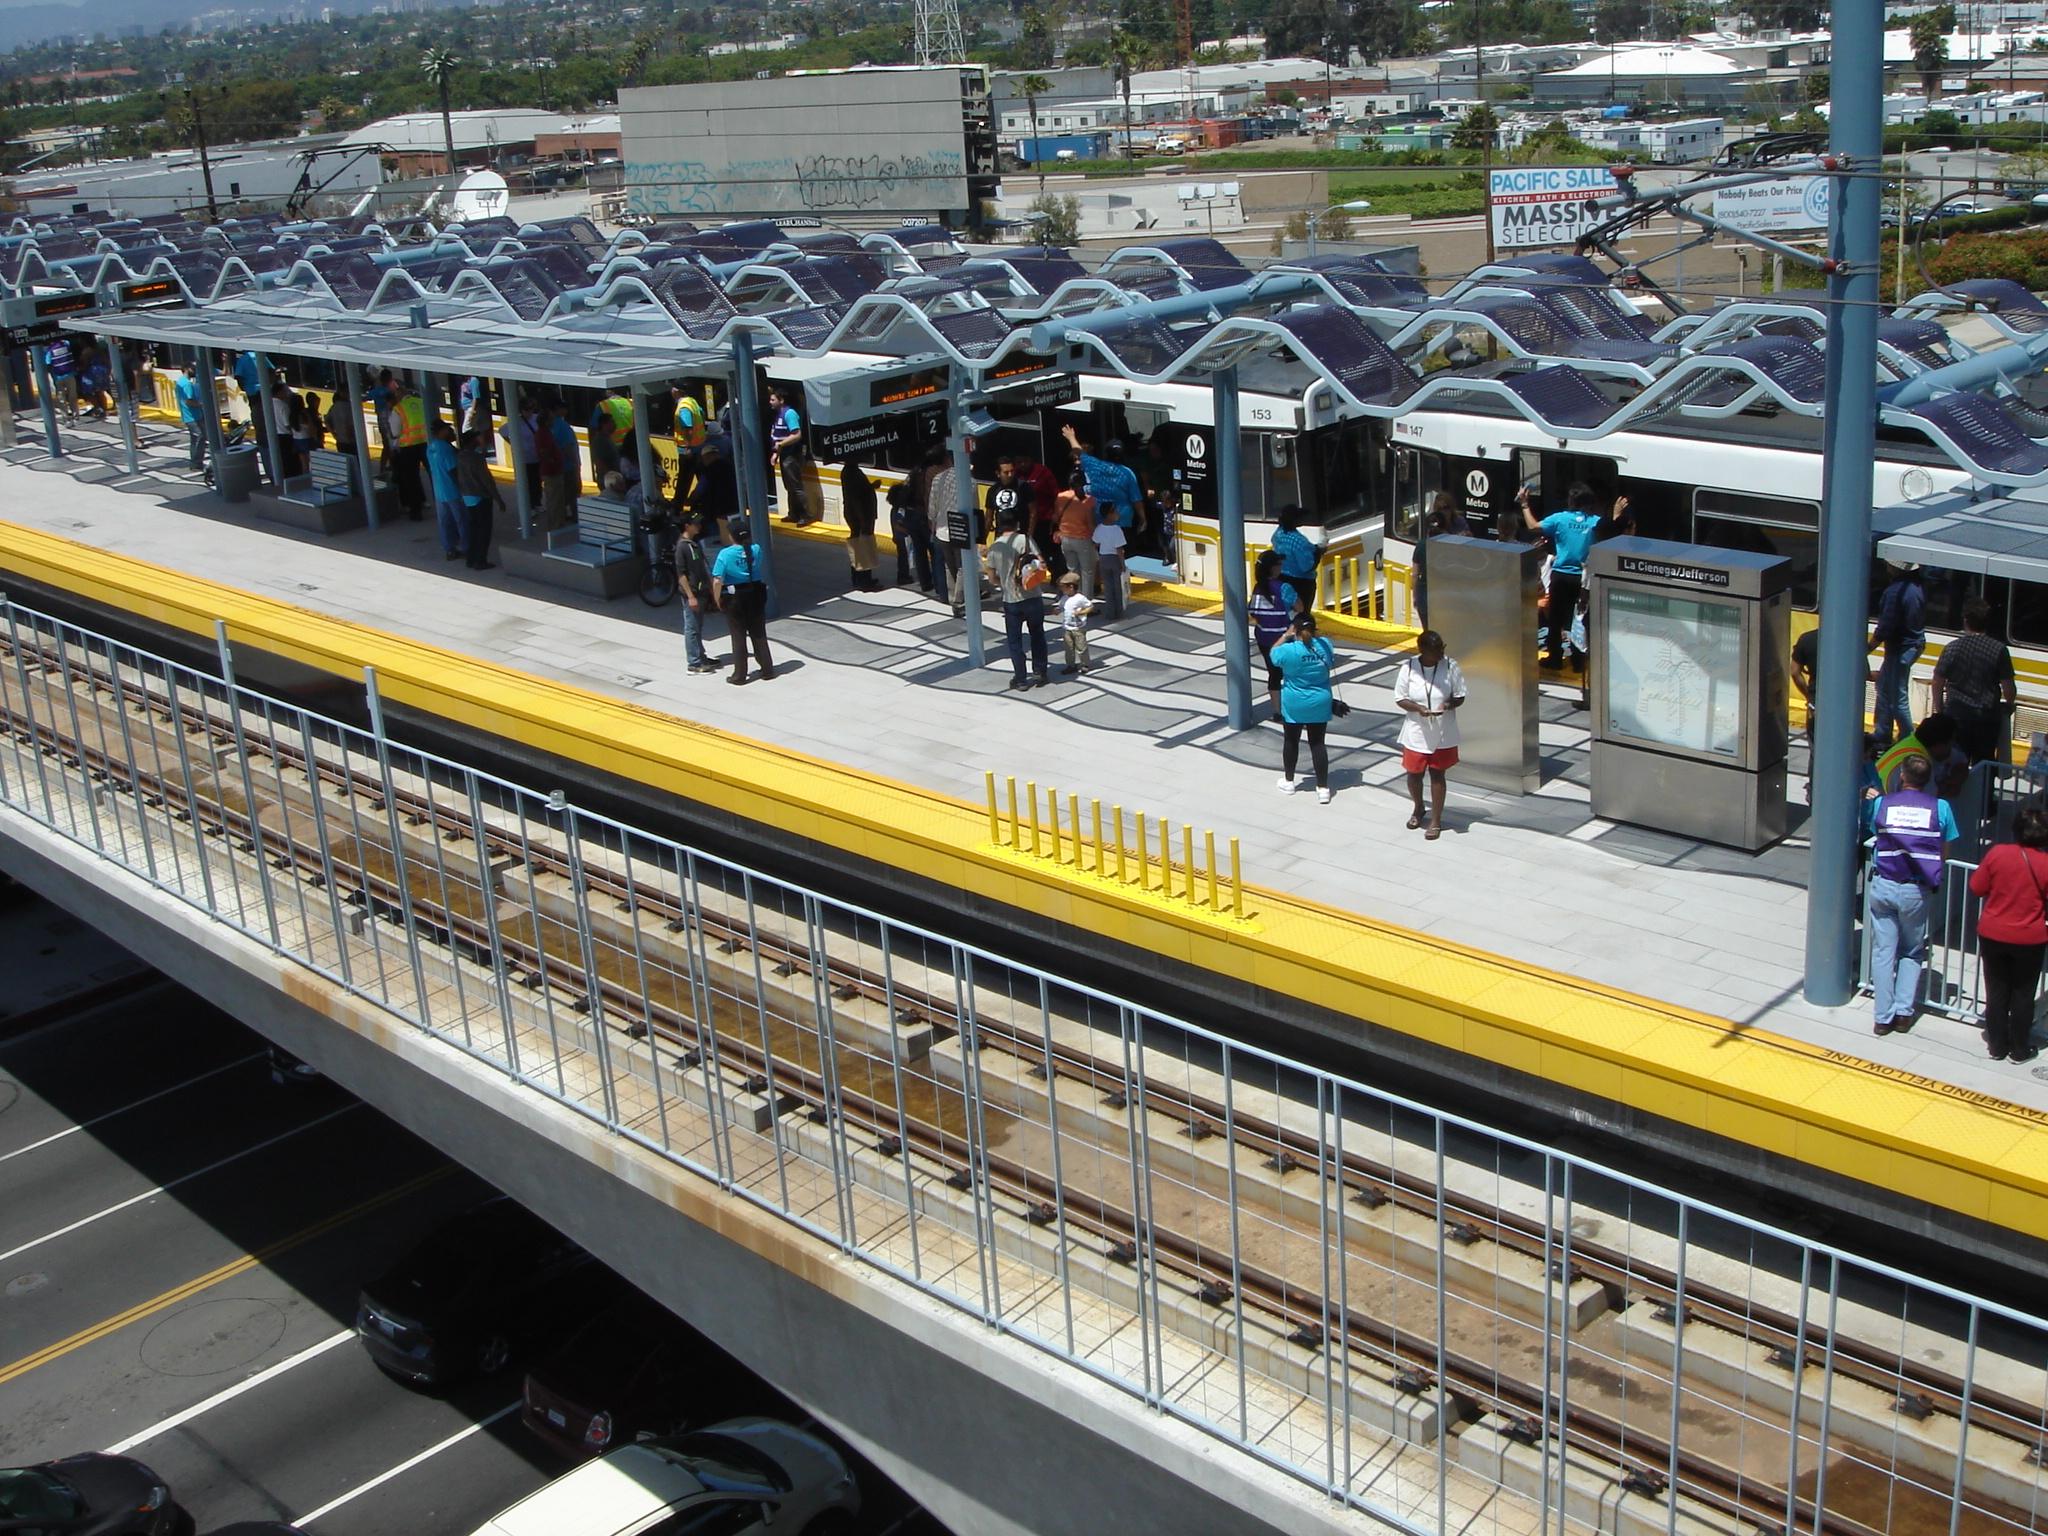 Pasajeros desembarcando en la estación La Ciénega/Jefferson. (Foto José Ubaldo/El Pasajero).